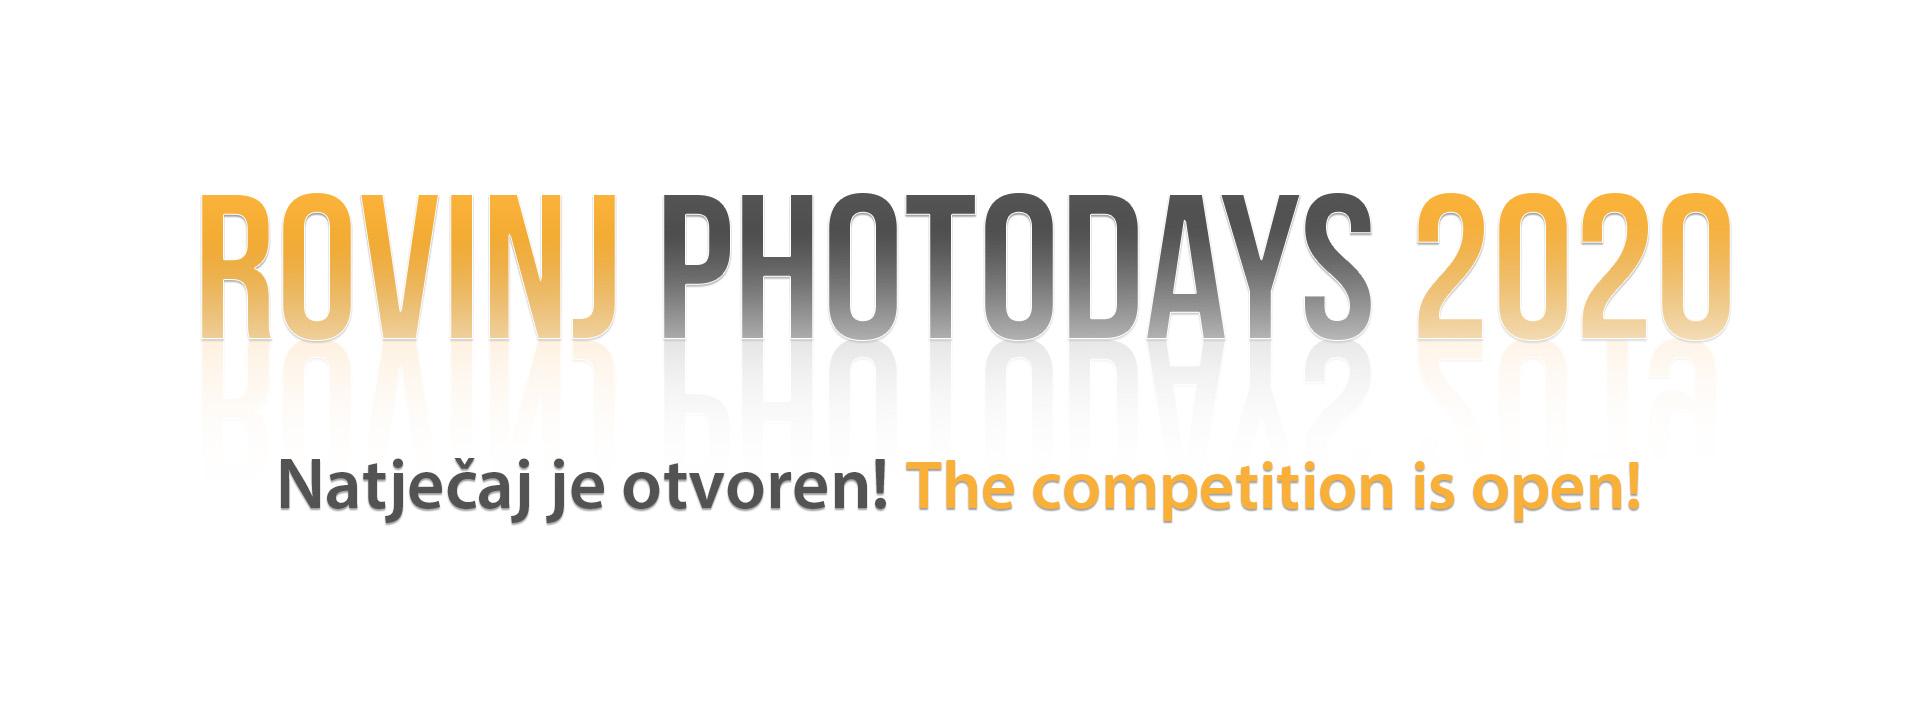 ROVINJ PHOTODAYS 2020 natječaj je otvoren